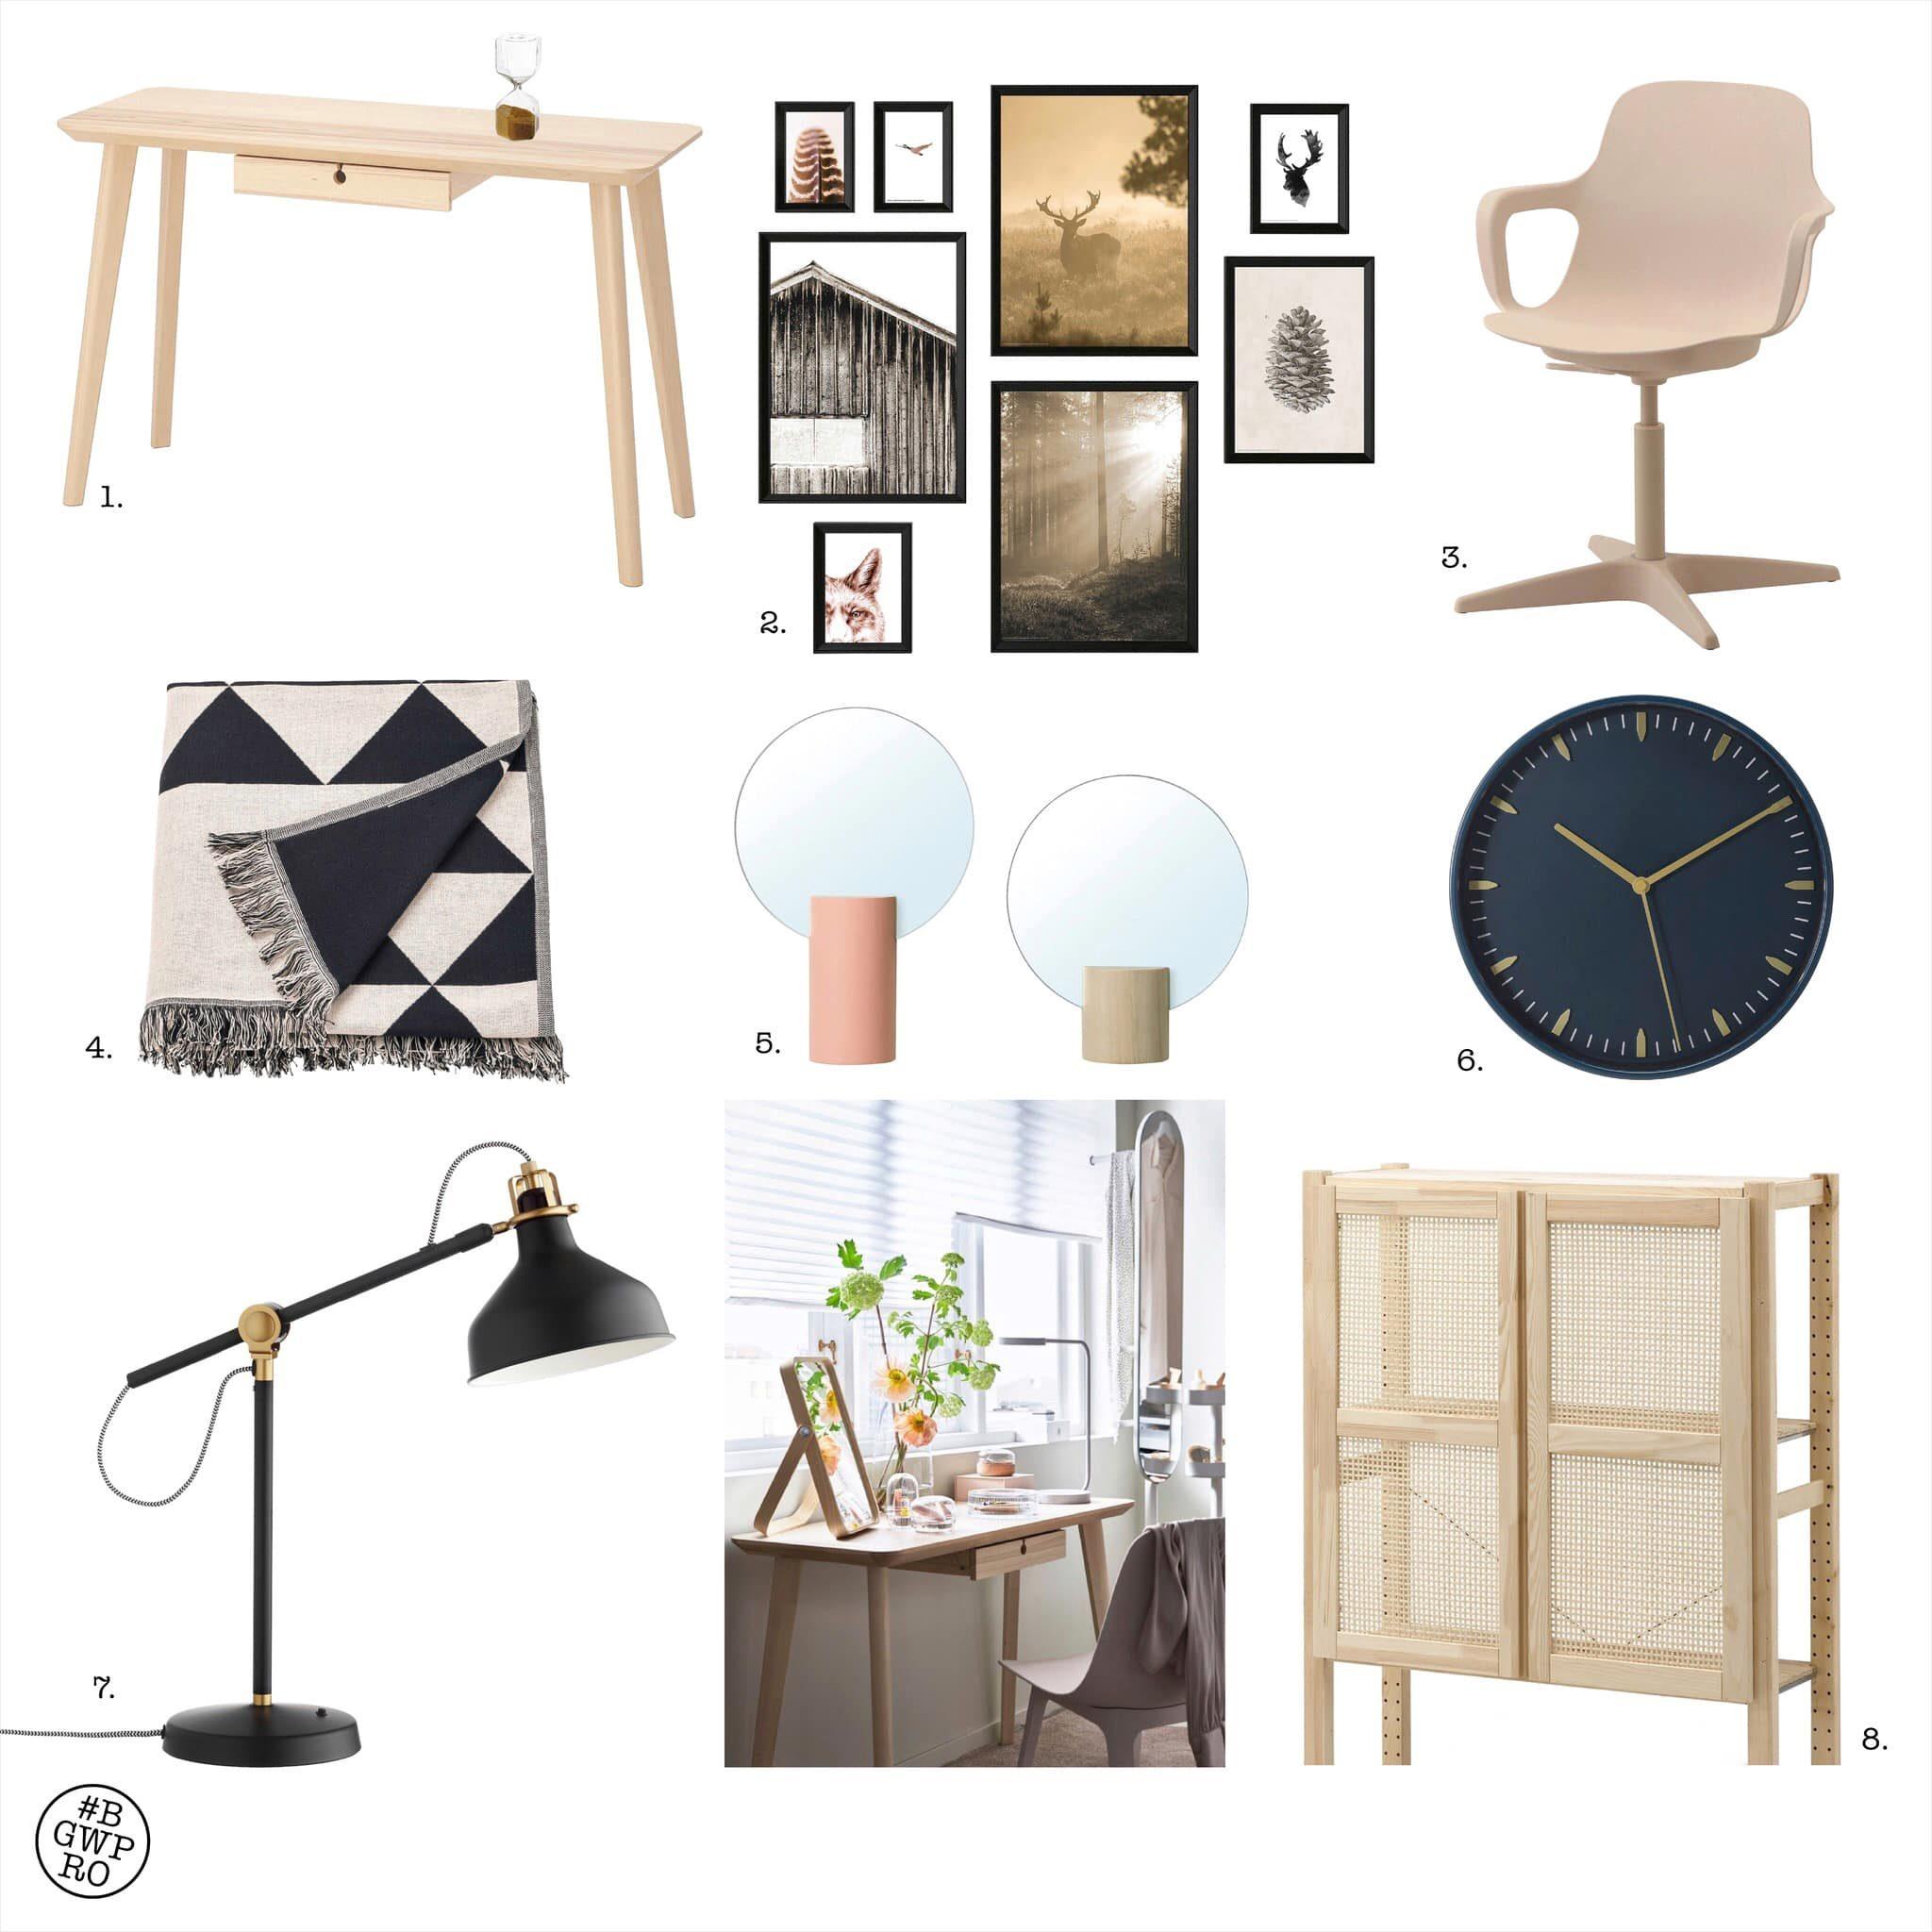 Thuiswerkplek Ikea Zeer betaalbaar compleet meubelrecept voor een werkplek in de woonkamer.